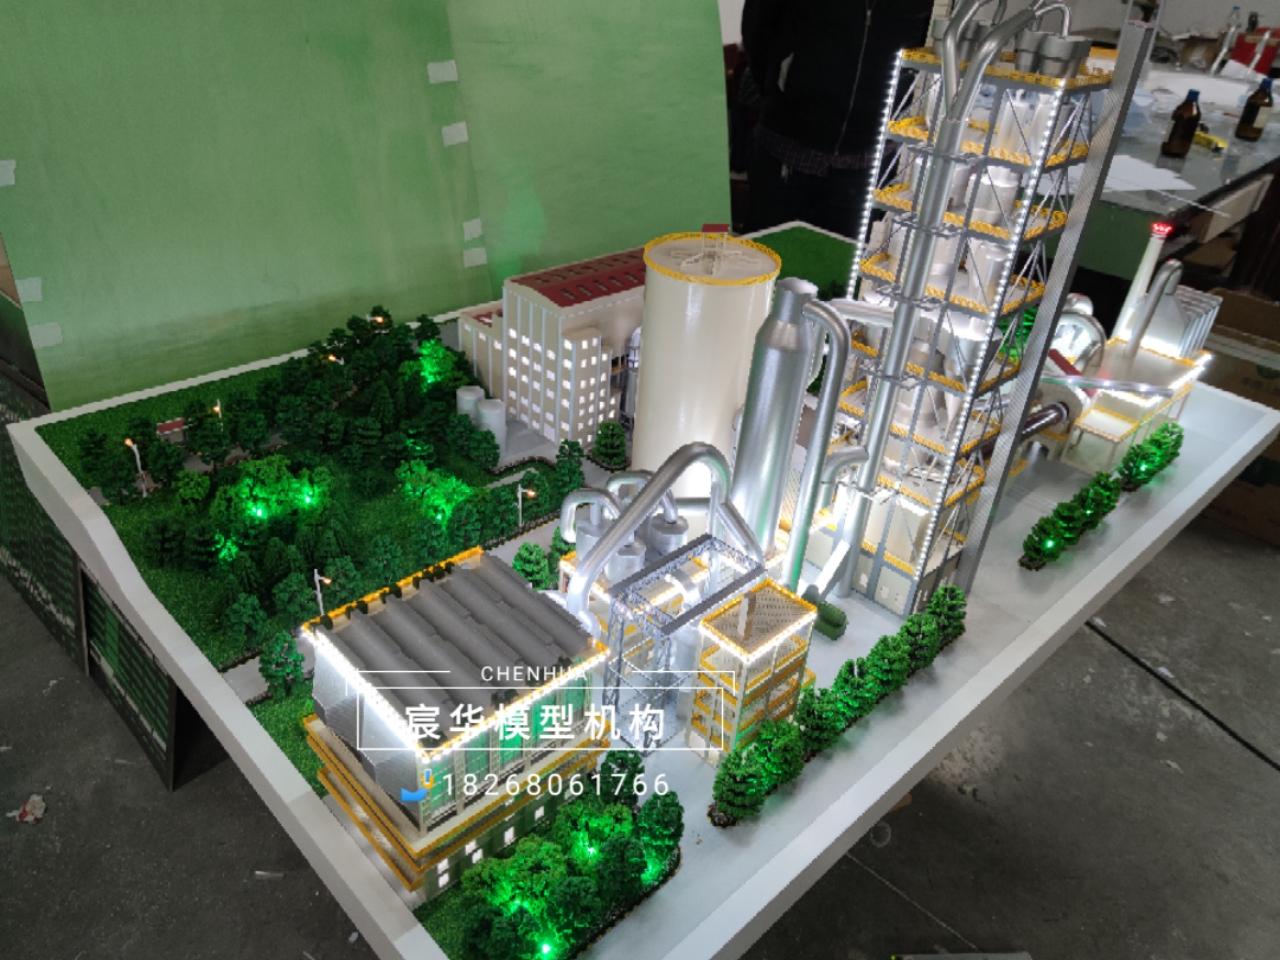 焚烧炉模型 (3).jpg